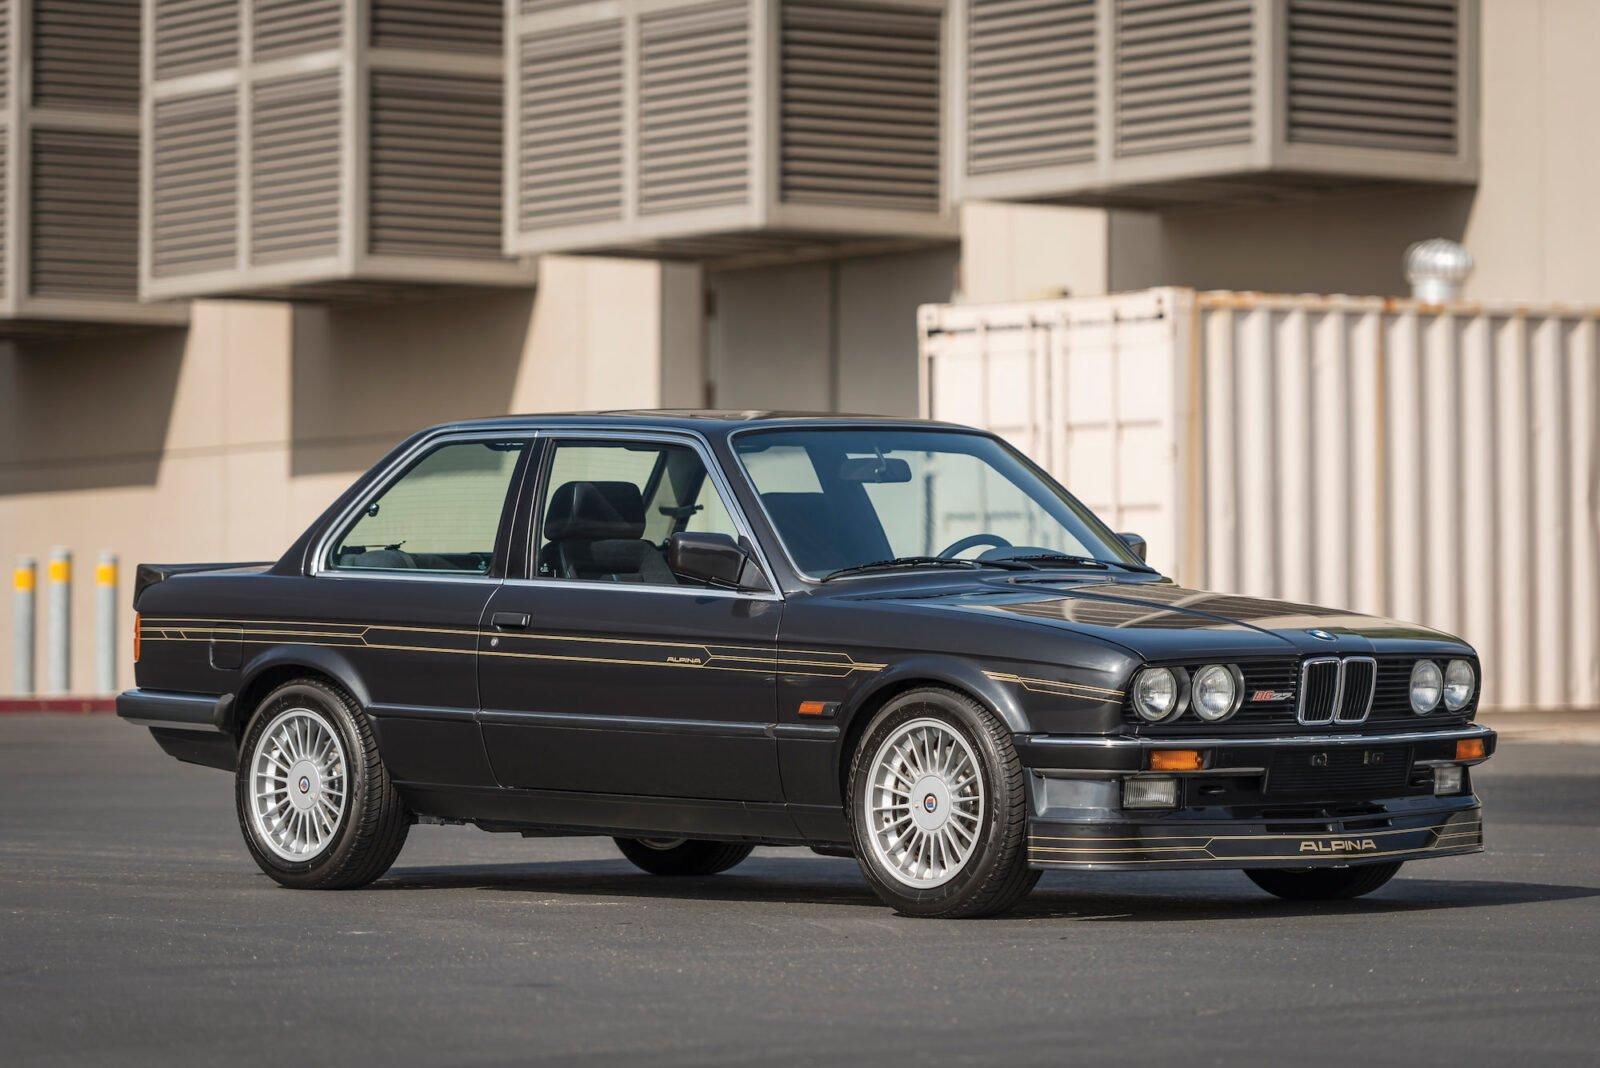 BMW Alpina 1600x1068 - 1986 BMW E30 Alpina B6